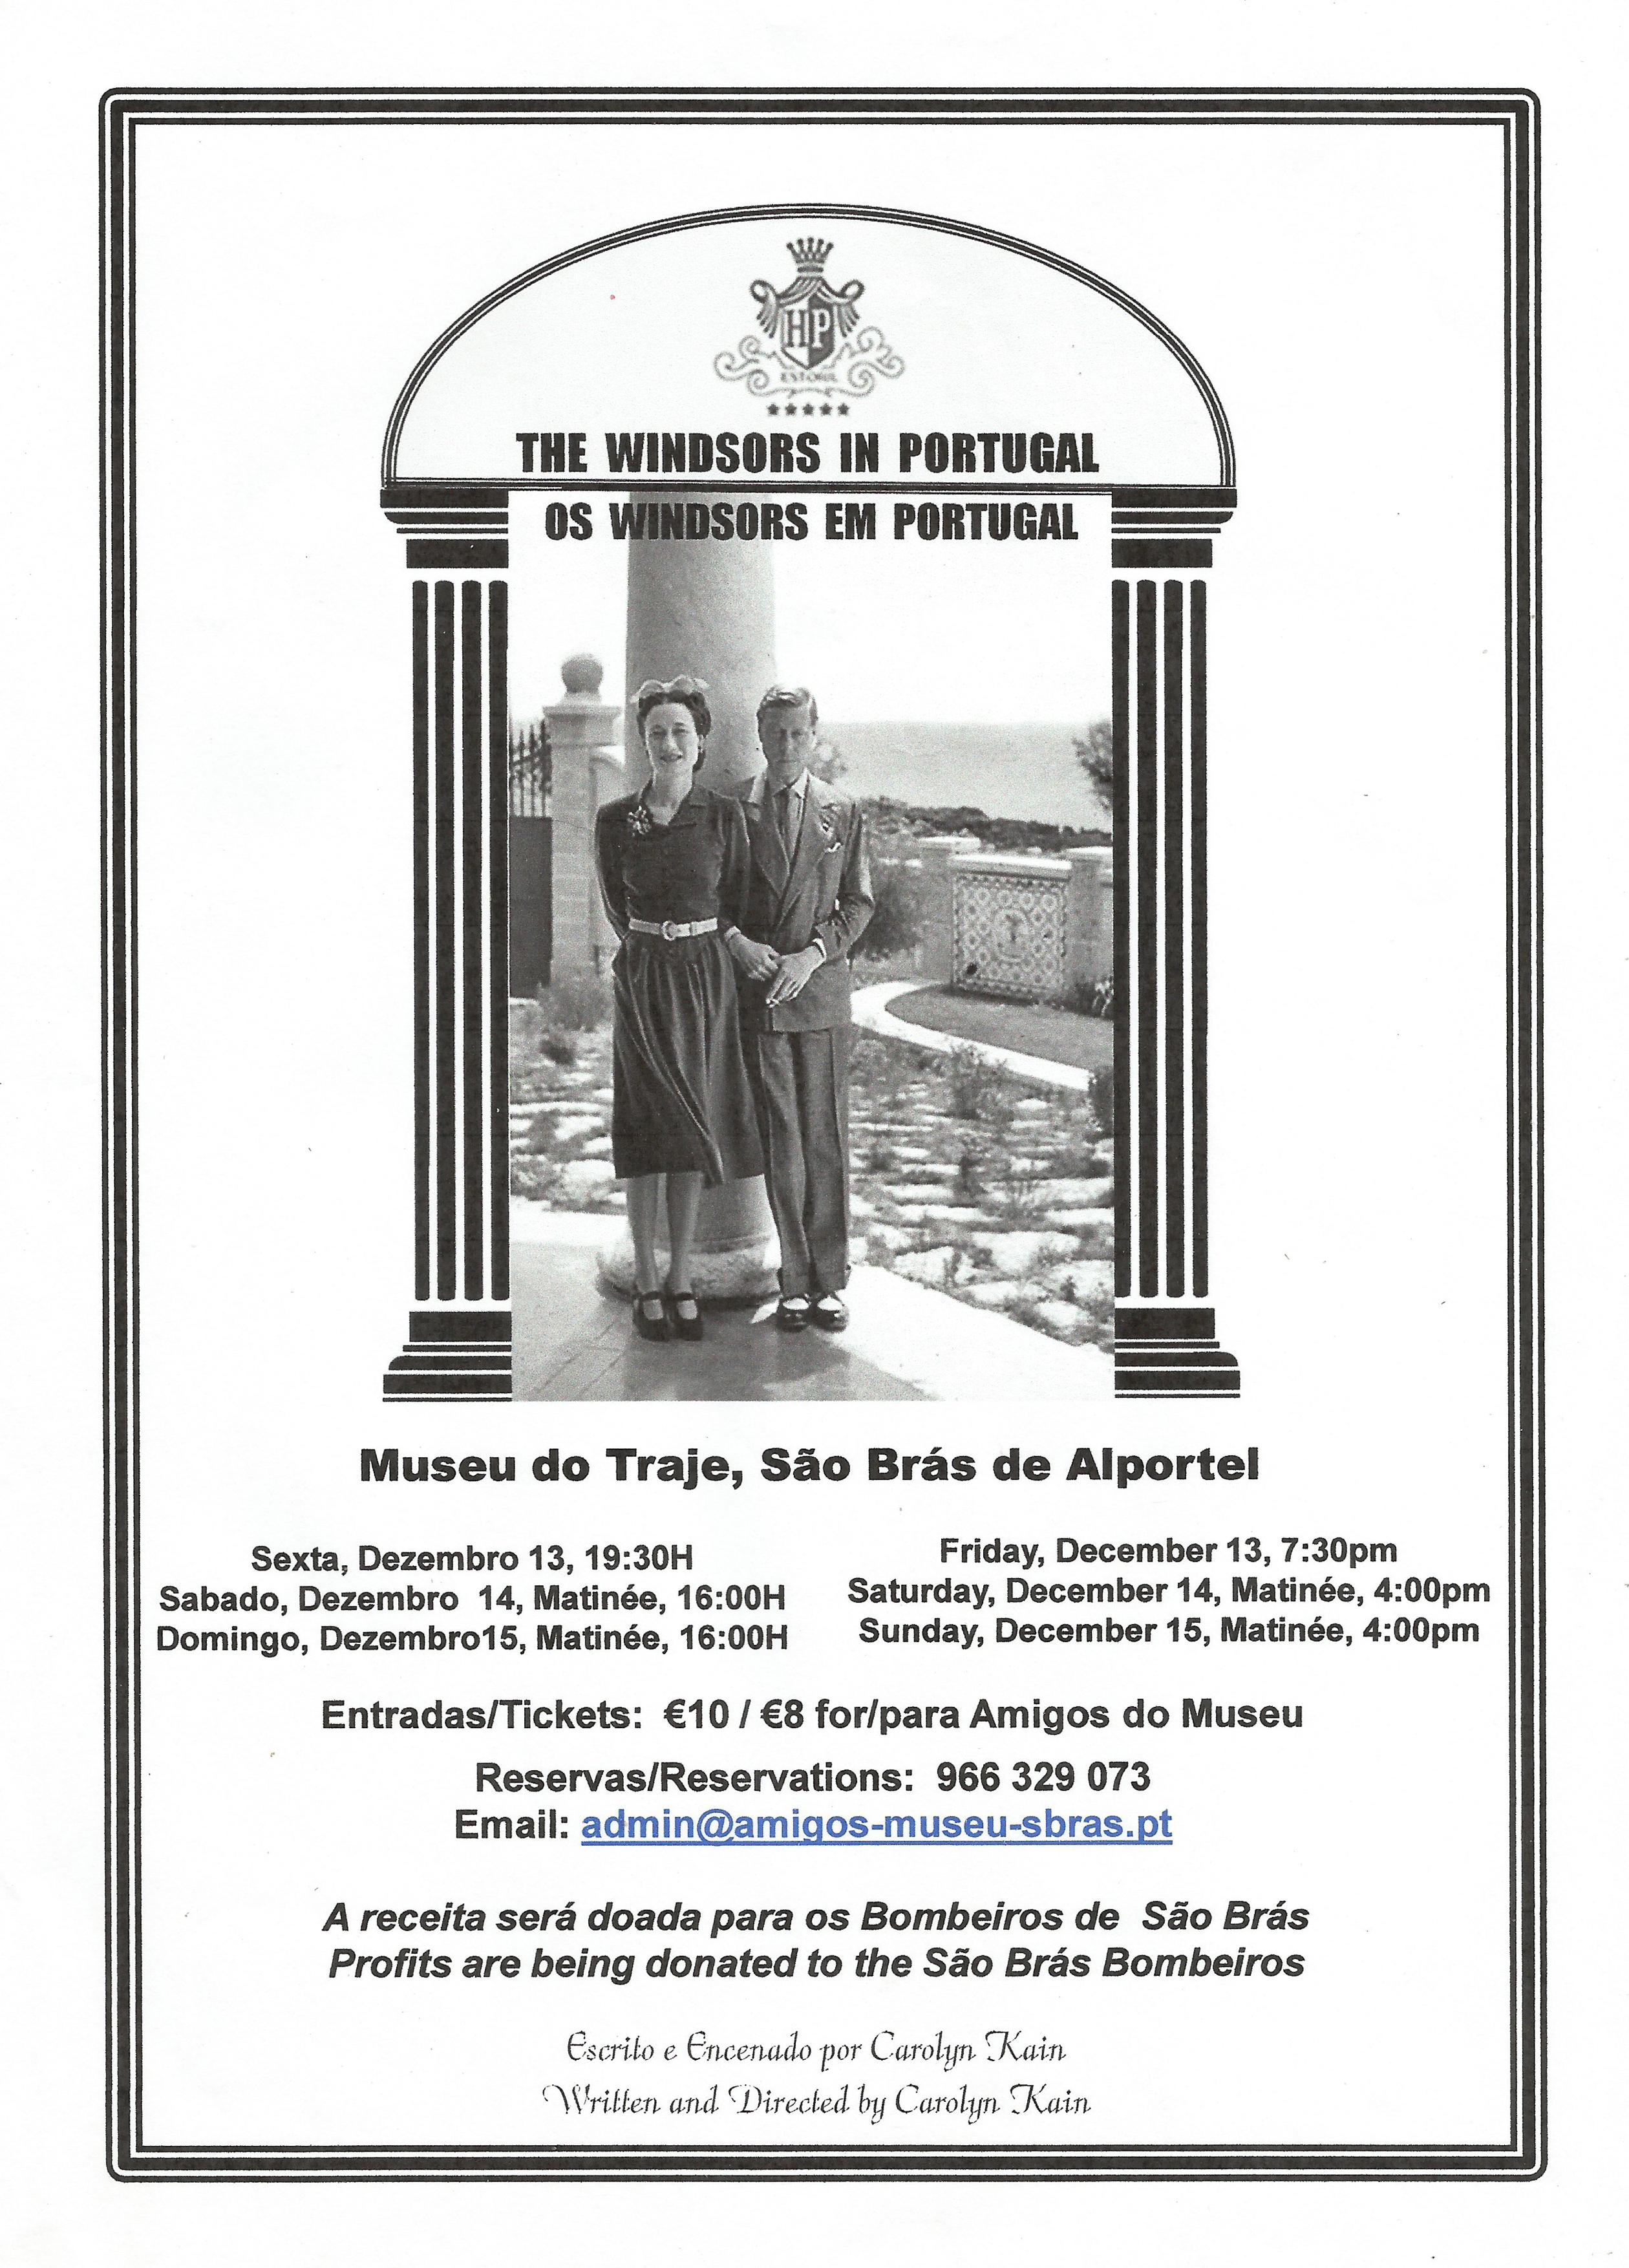 cartaz do teatro os windsors em portugal